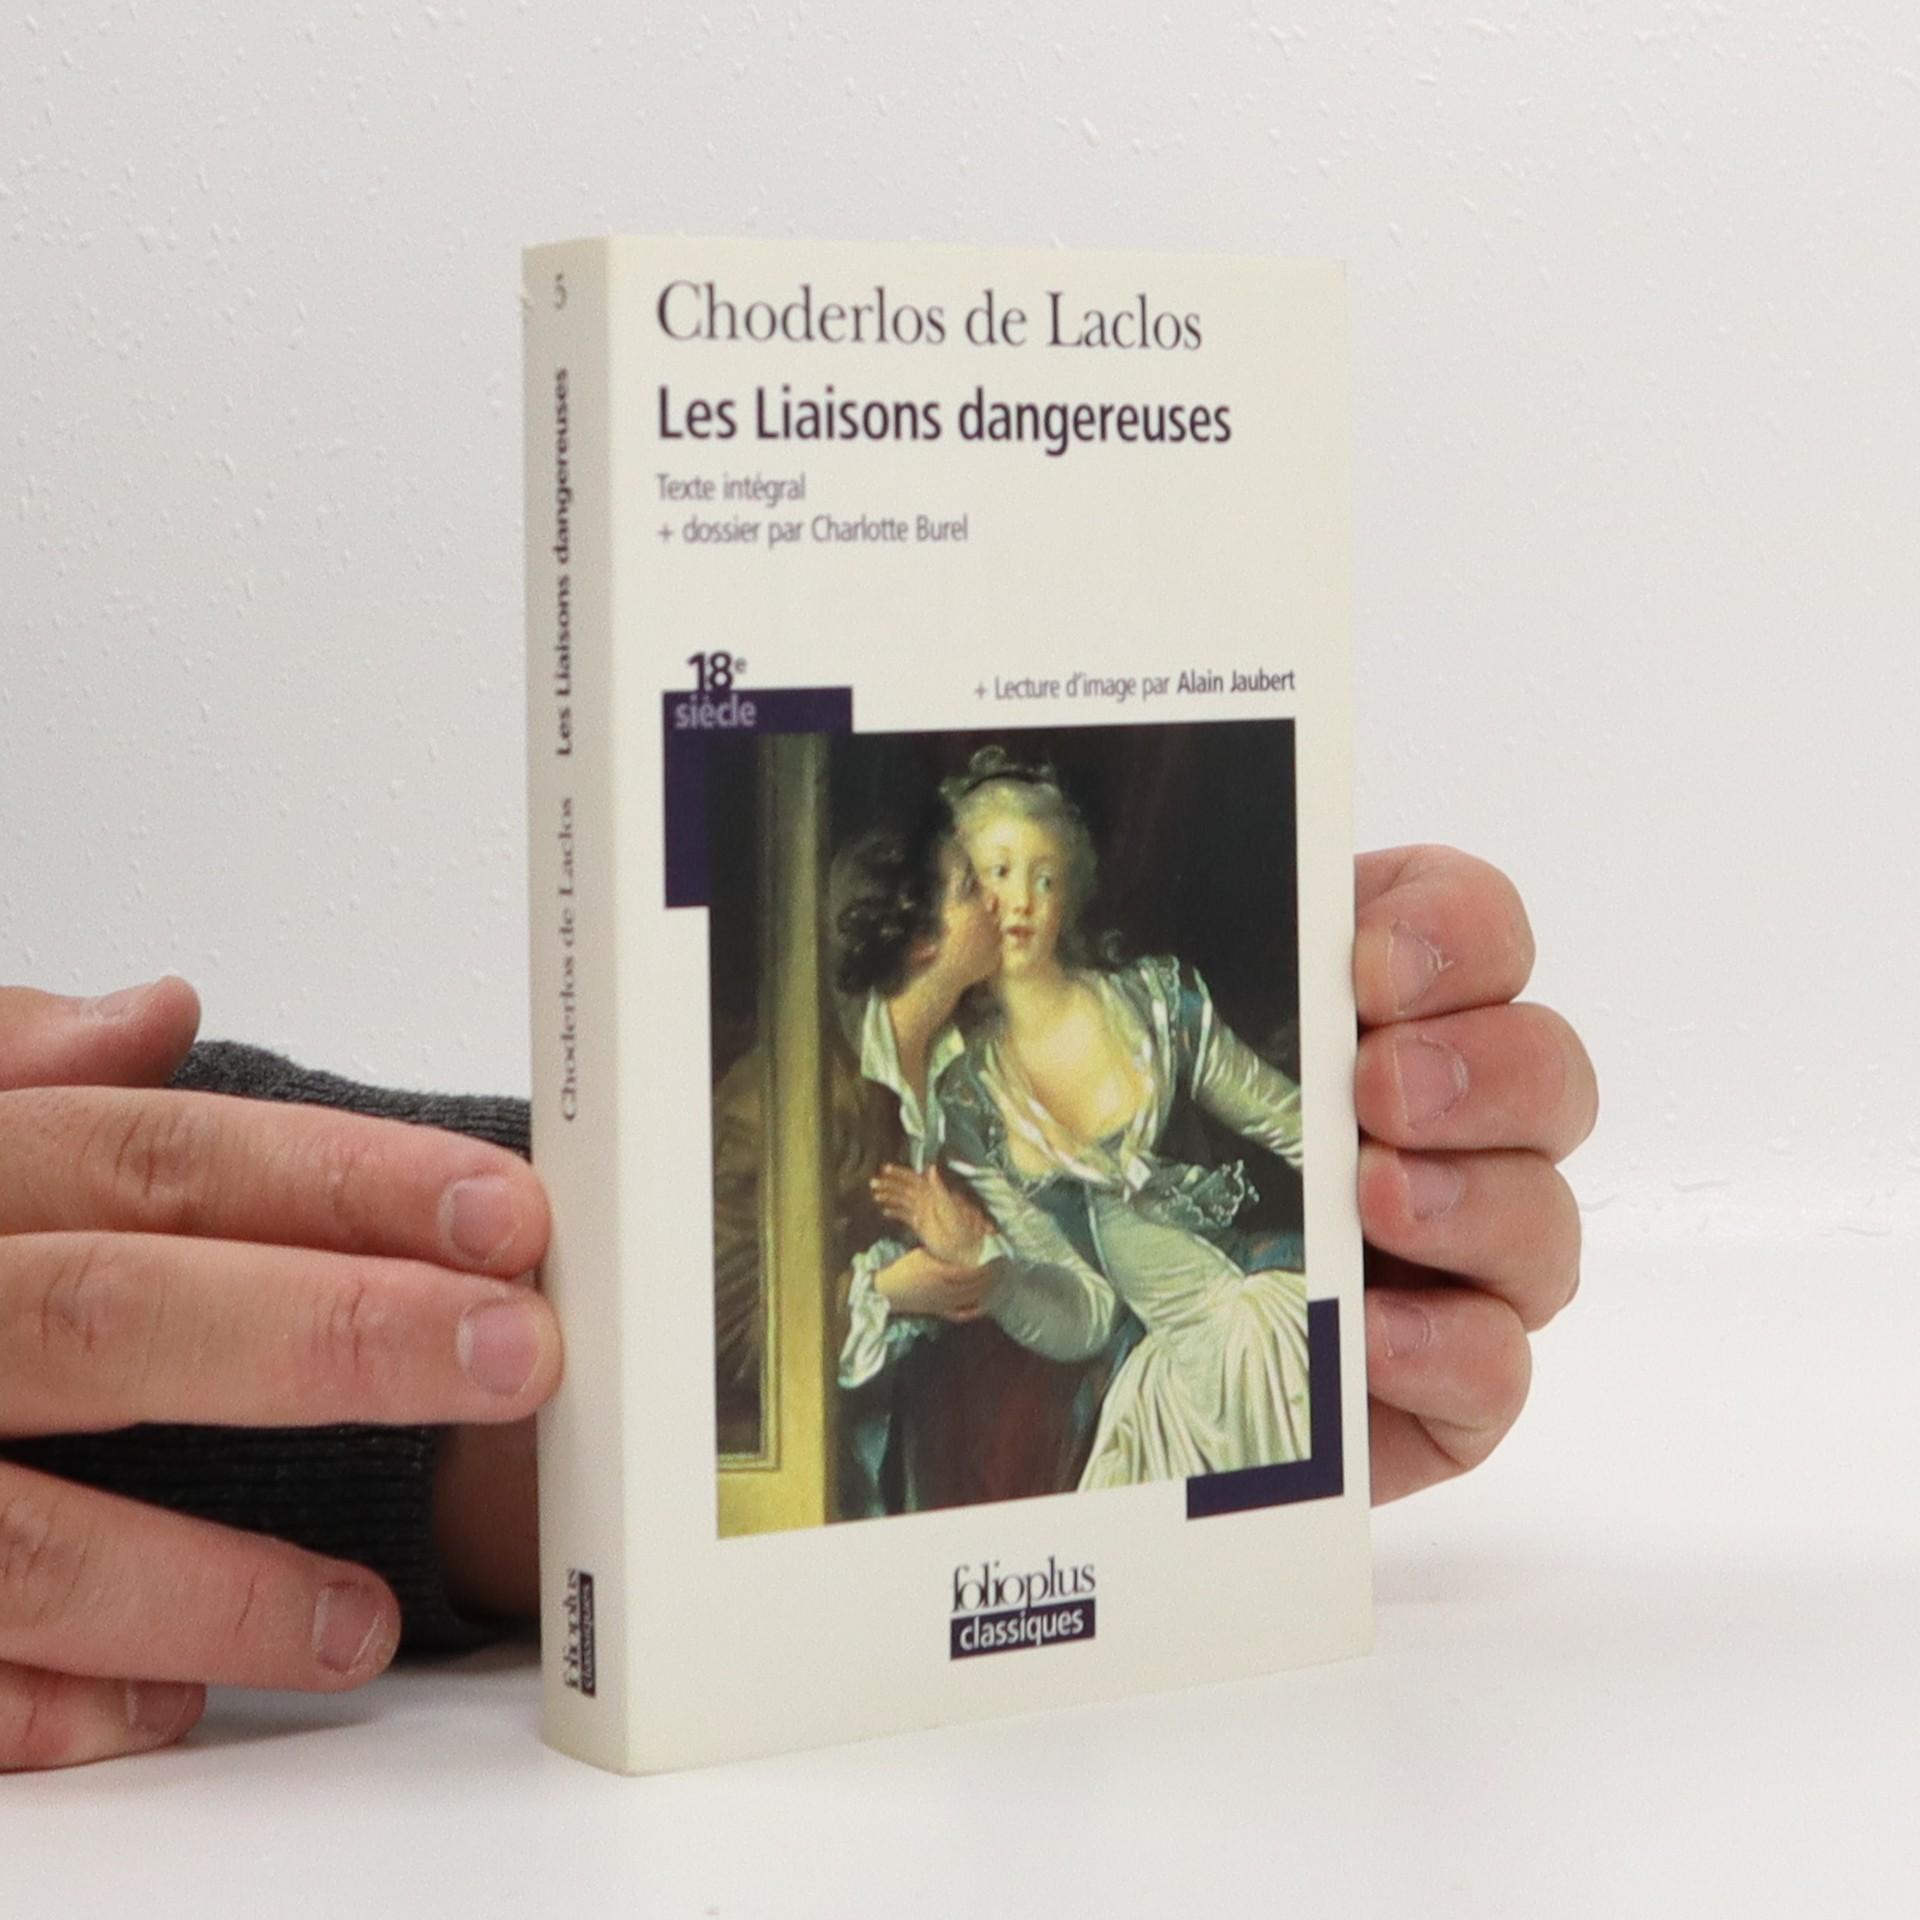 antikvární kniha Les liaisons dangereuses, 2007